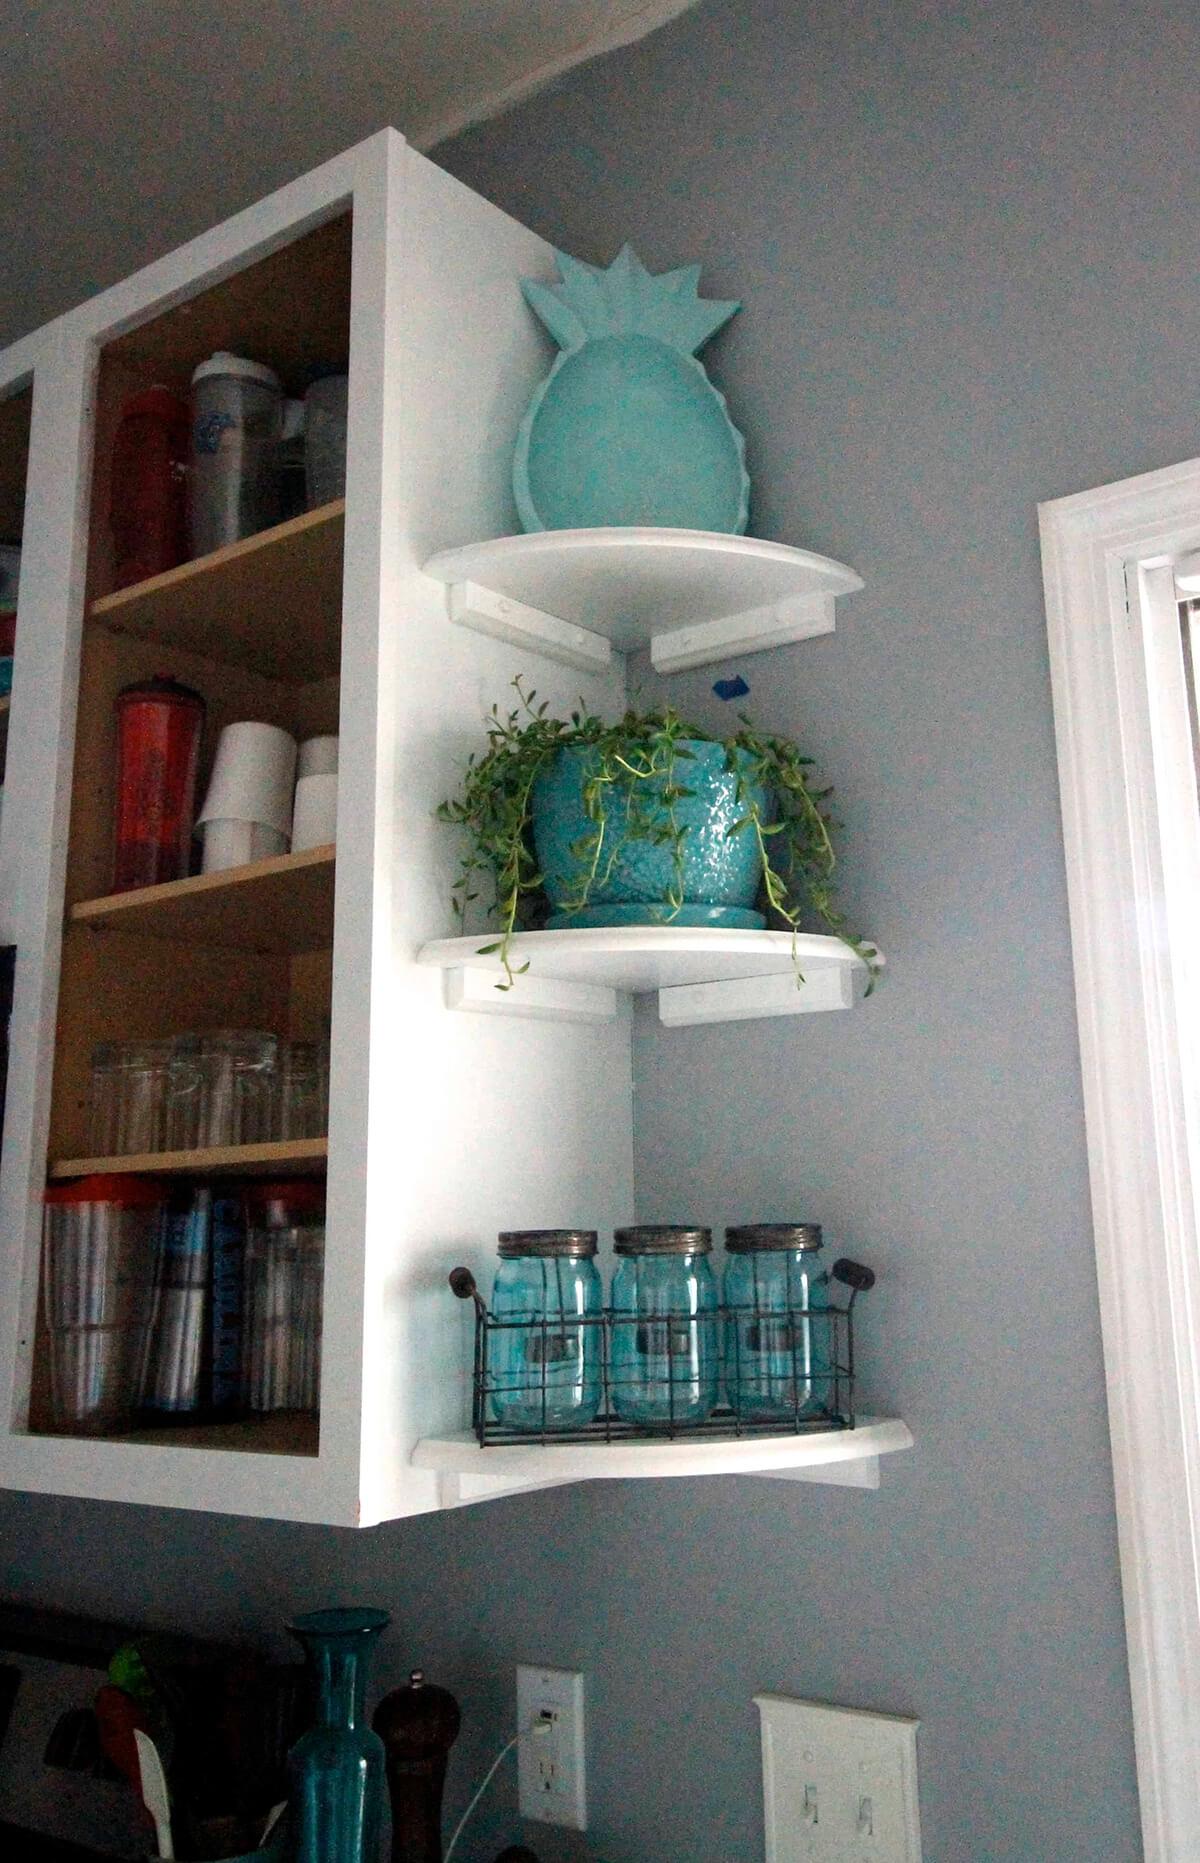 Decorative End Shelves